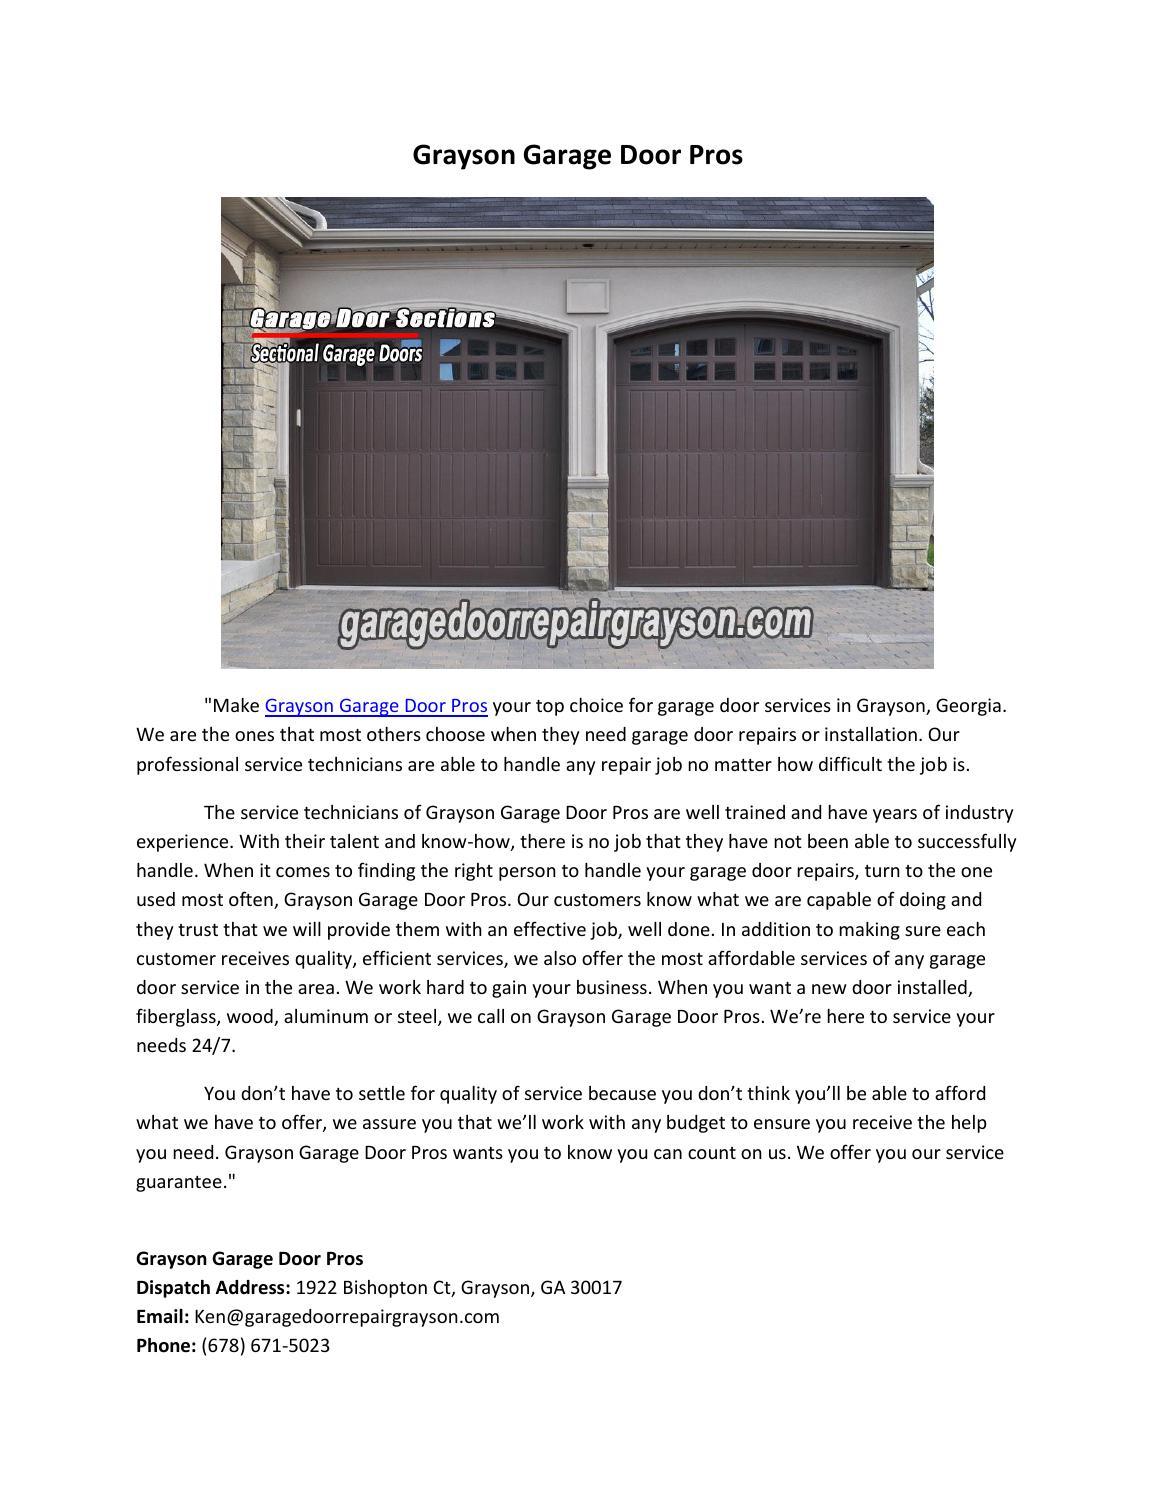 Grayson garage door pros by gedoorr - issuu